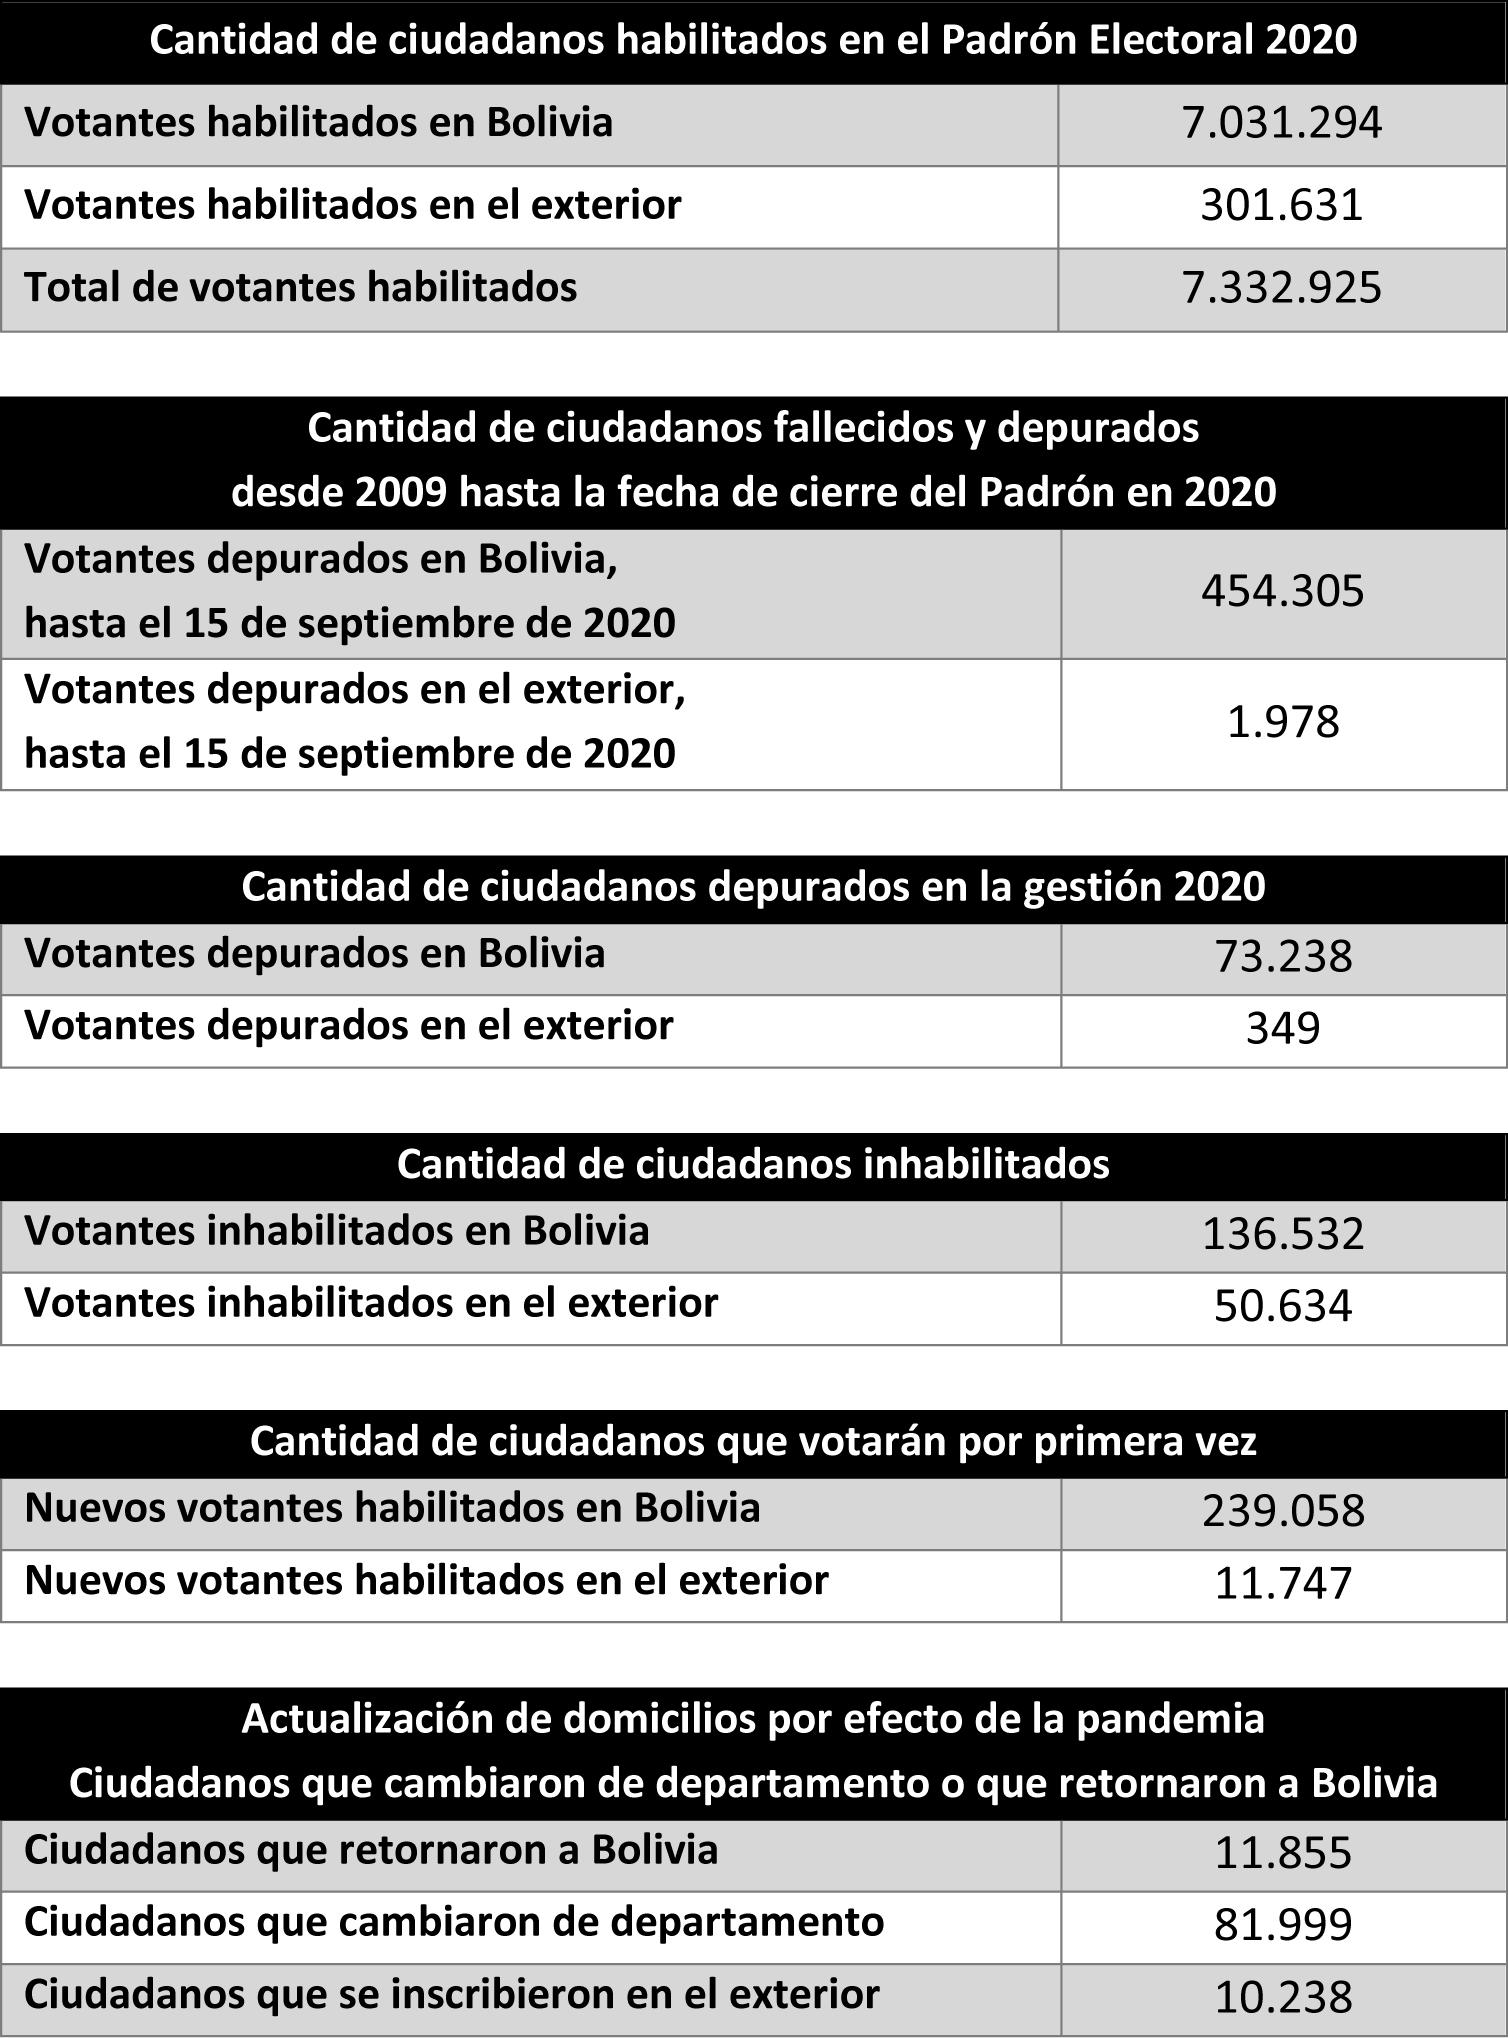 cuadro Padrón Electoral 2020